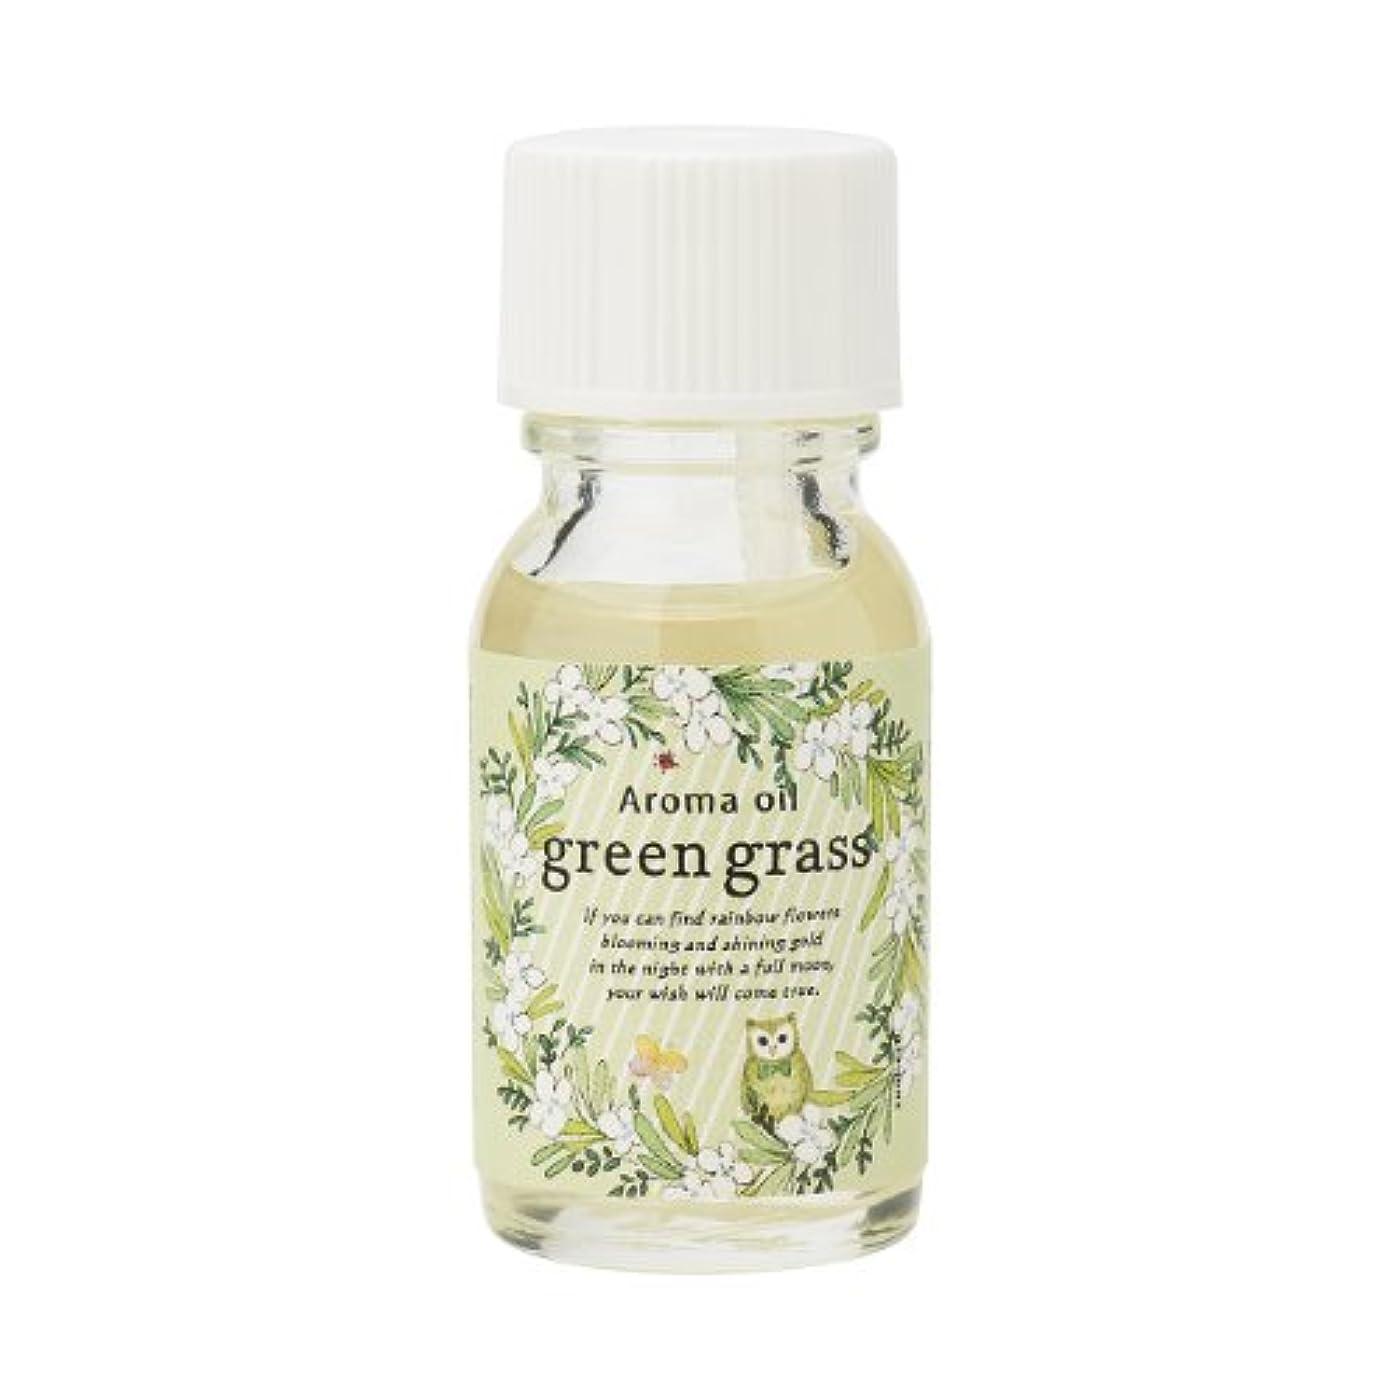 印刷する混合したオズワルドサンハーブ アロマオイル グリーングラス 13ml(爽やかでちょっと大人の香り)